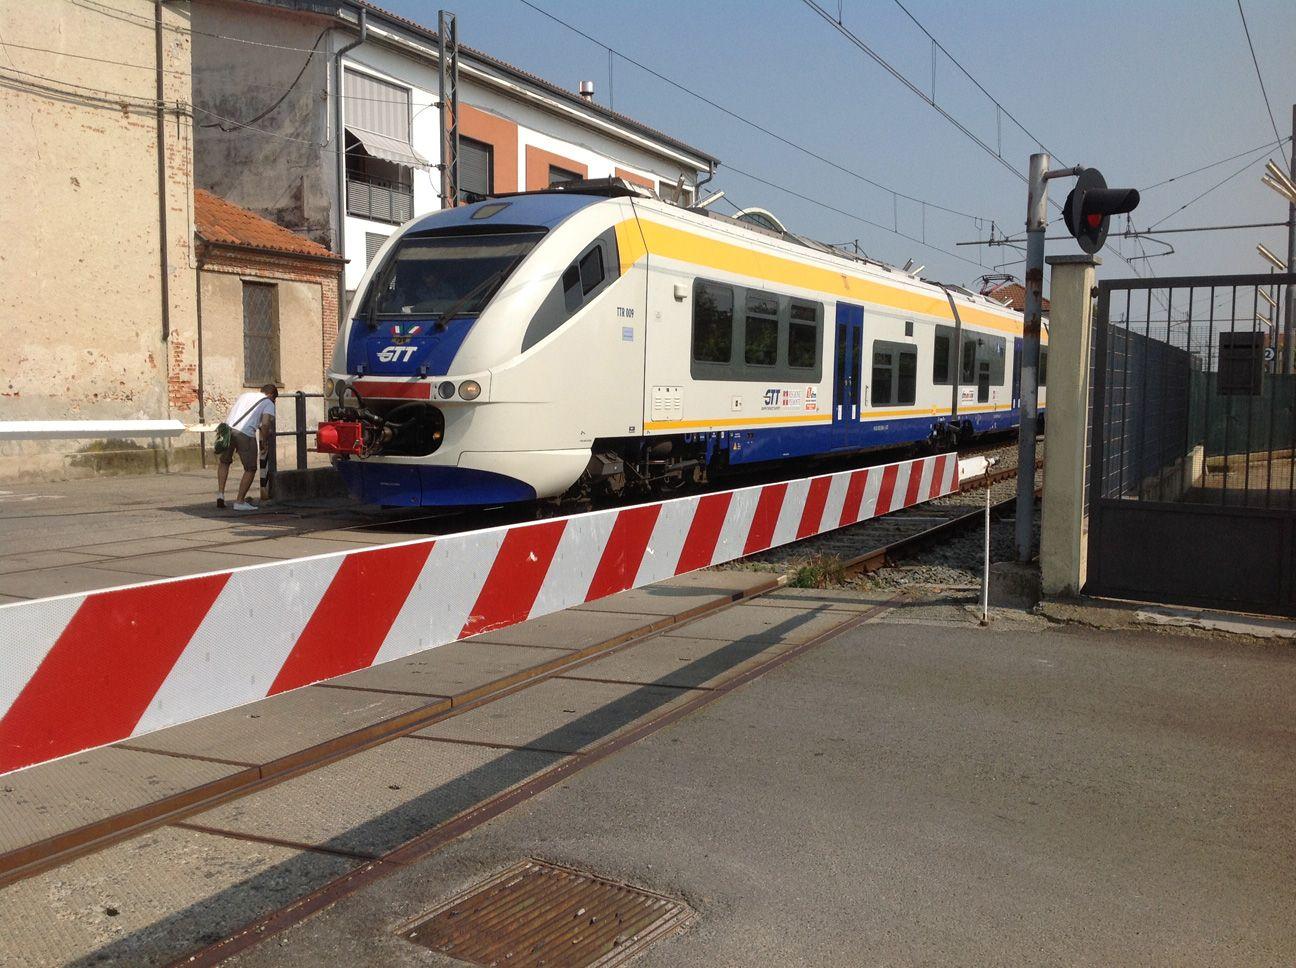 CANAVESANA - Fava: «Presto un'ispezione a sorpresa sui treni Gtt»